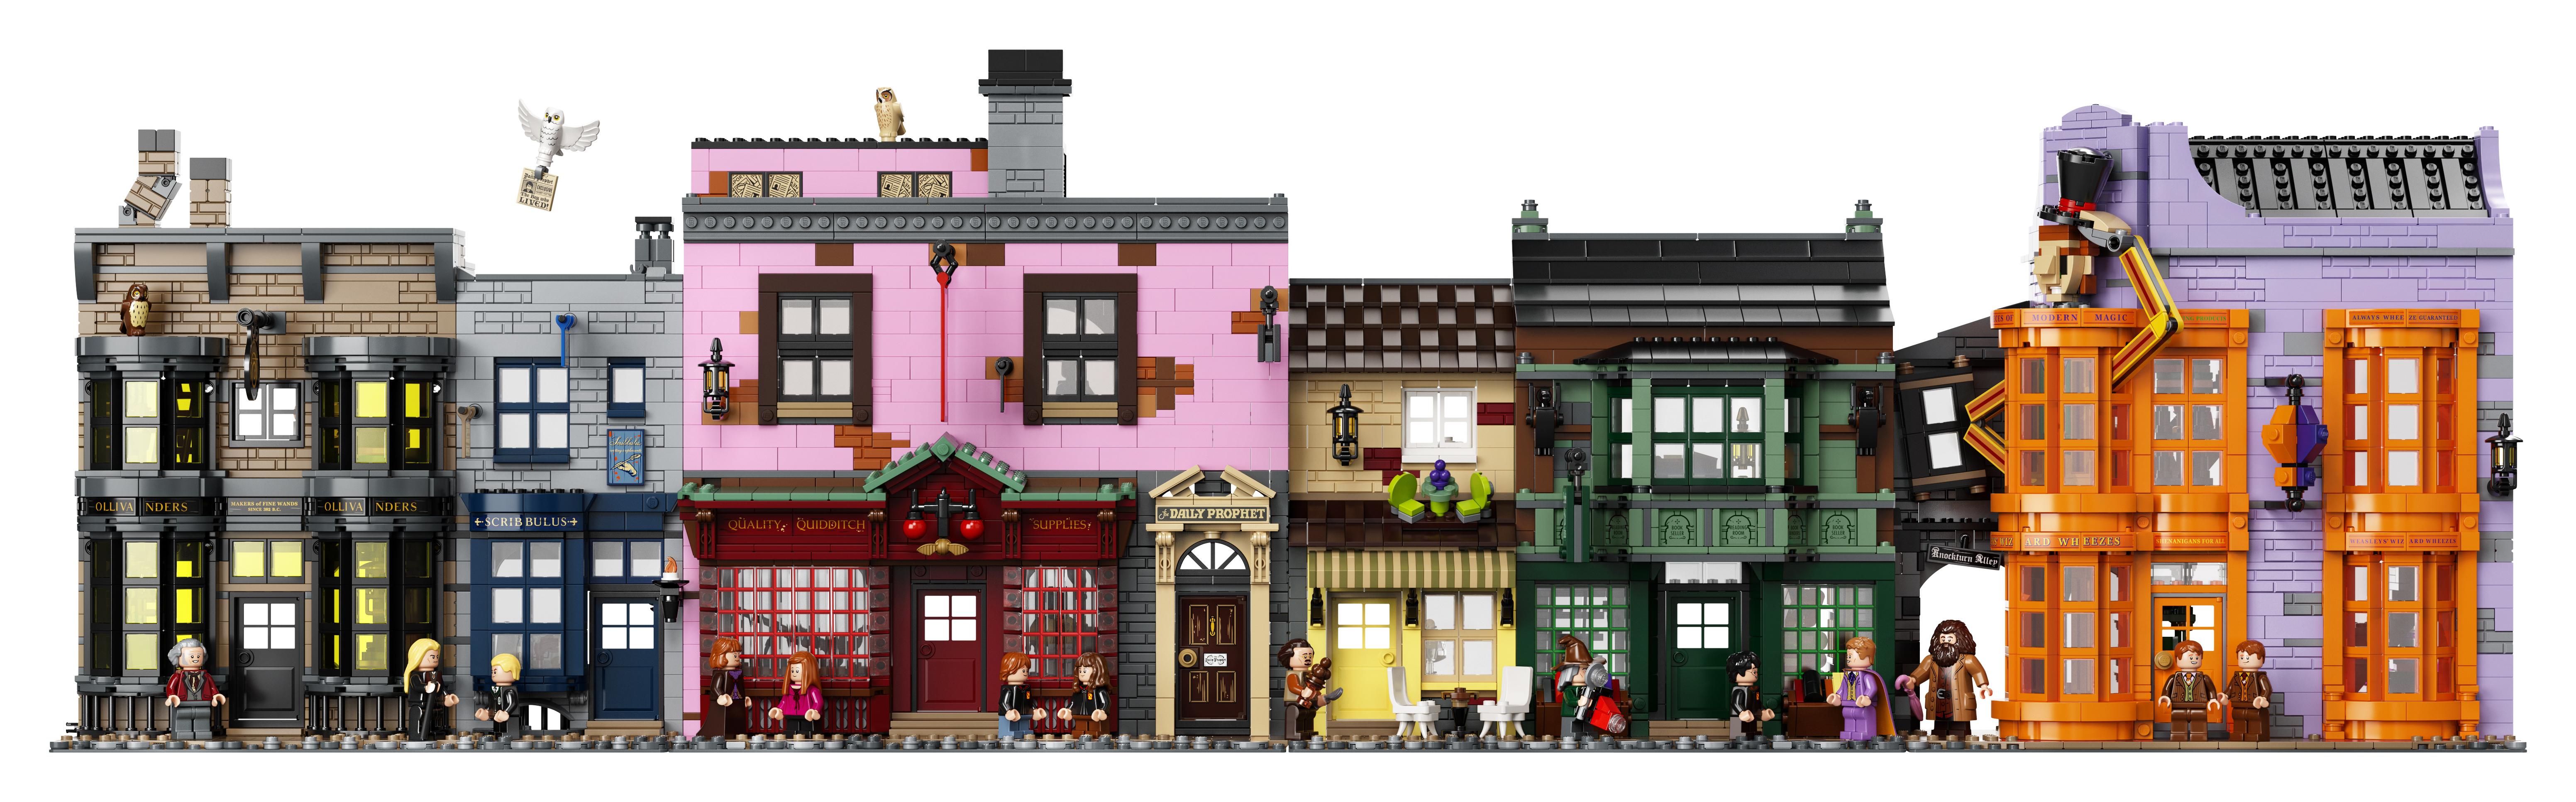 Le Chemin de Traverse en LEGO, version 2020, les façades